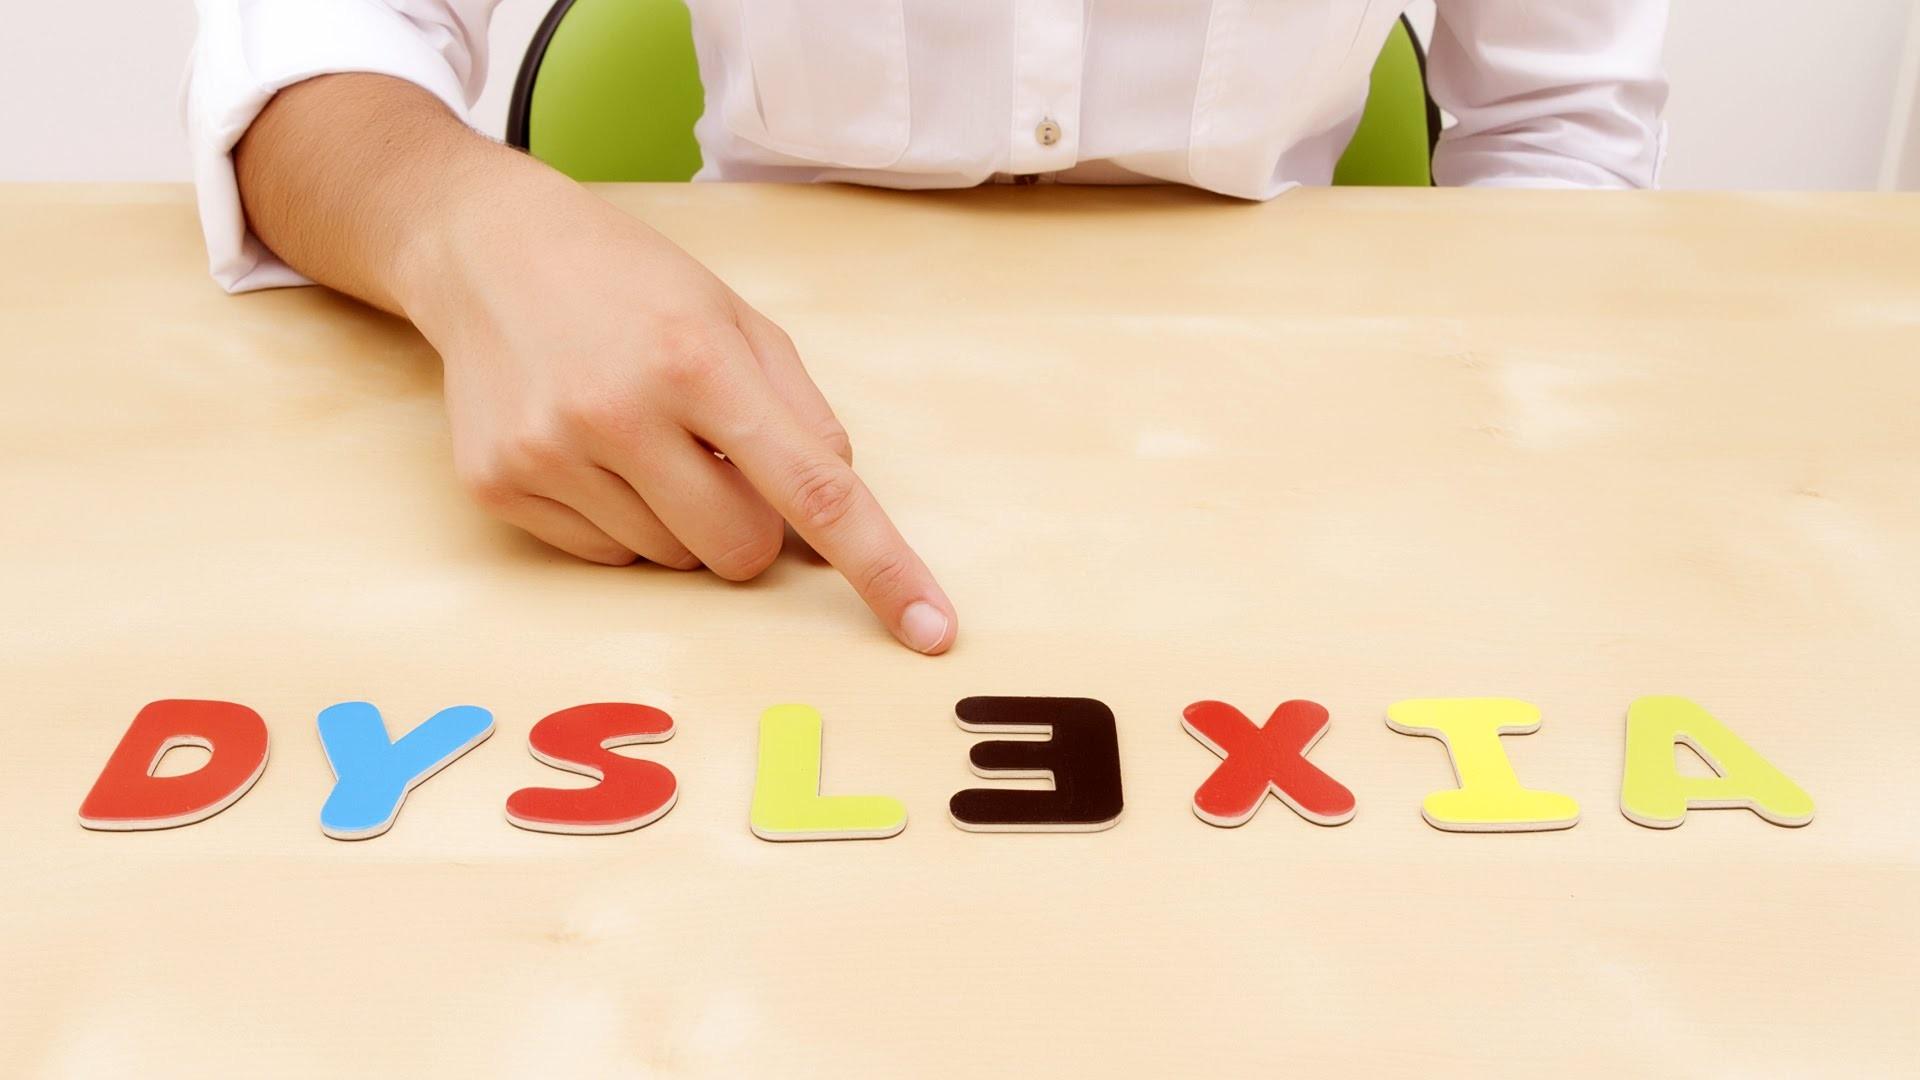 hijo tiene dislexia reconoce maneras métodos formas conoce aprende 2017 discapacidad